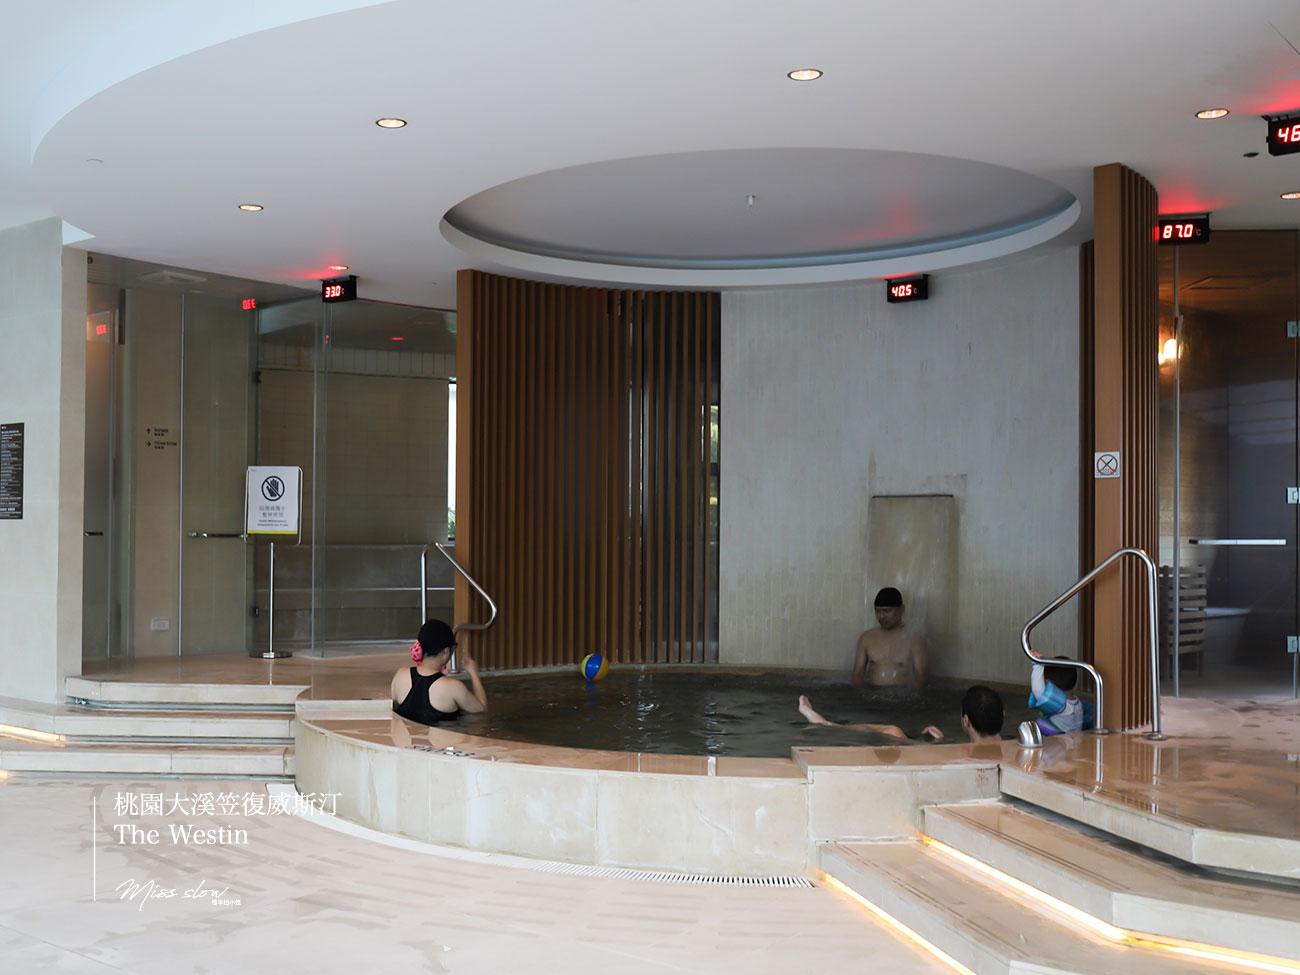 桃園大溪笠復威斯汀_室內泳池蒸氣室